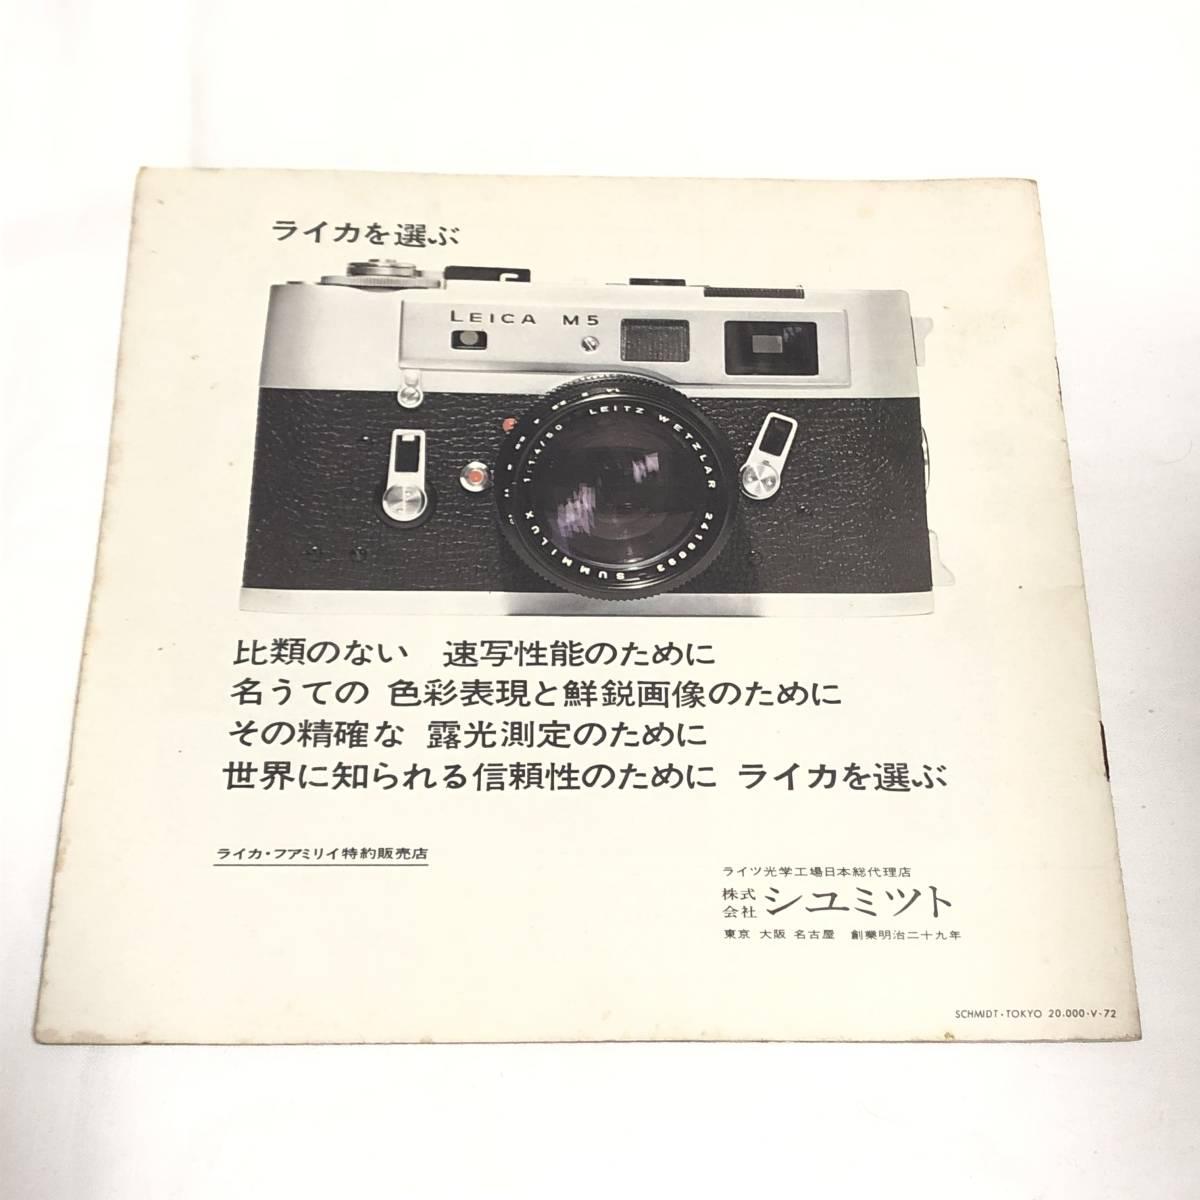 ◆ライカ LEICA ライツ Leitz カメラ レンズ カタログ M3 M5 elmar summicron summilux _画像3